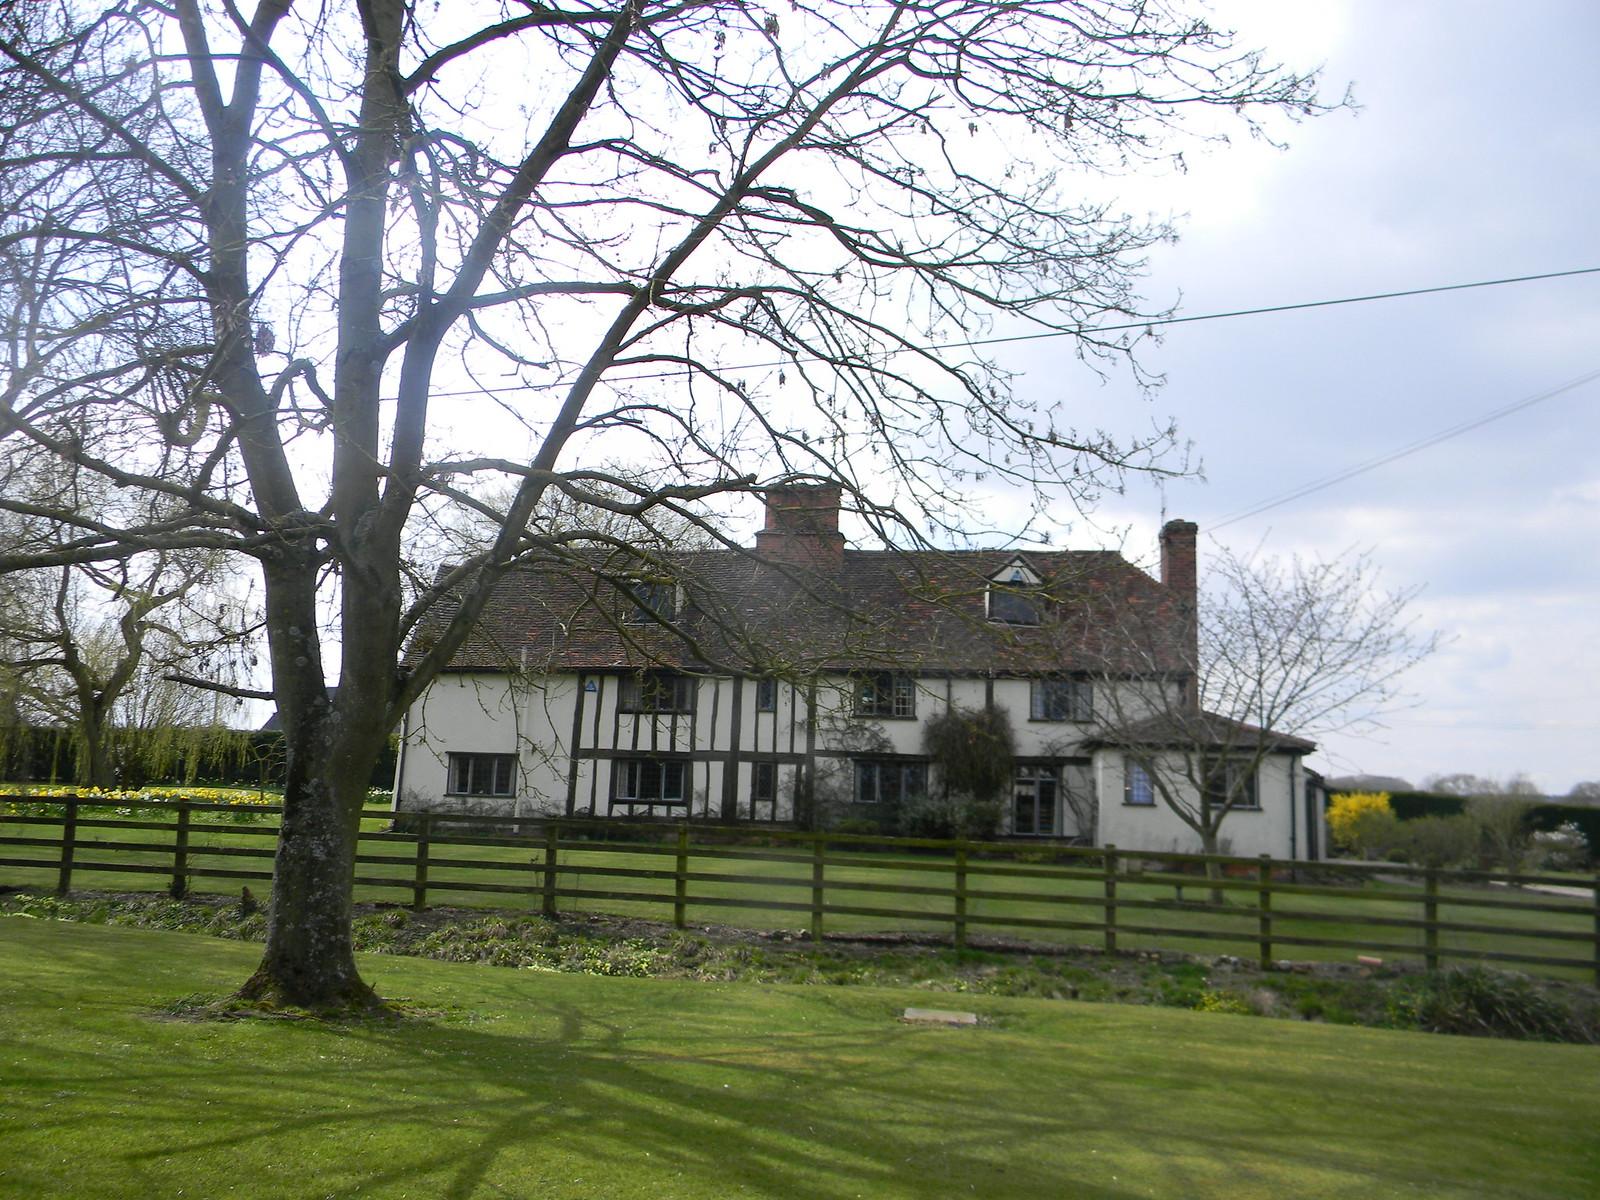 Old house Wendens Ambo Circular